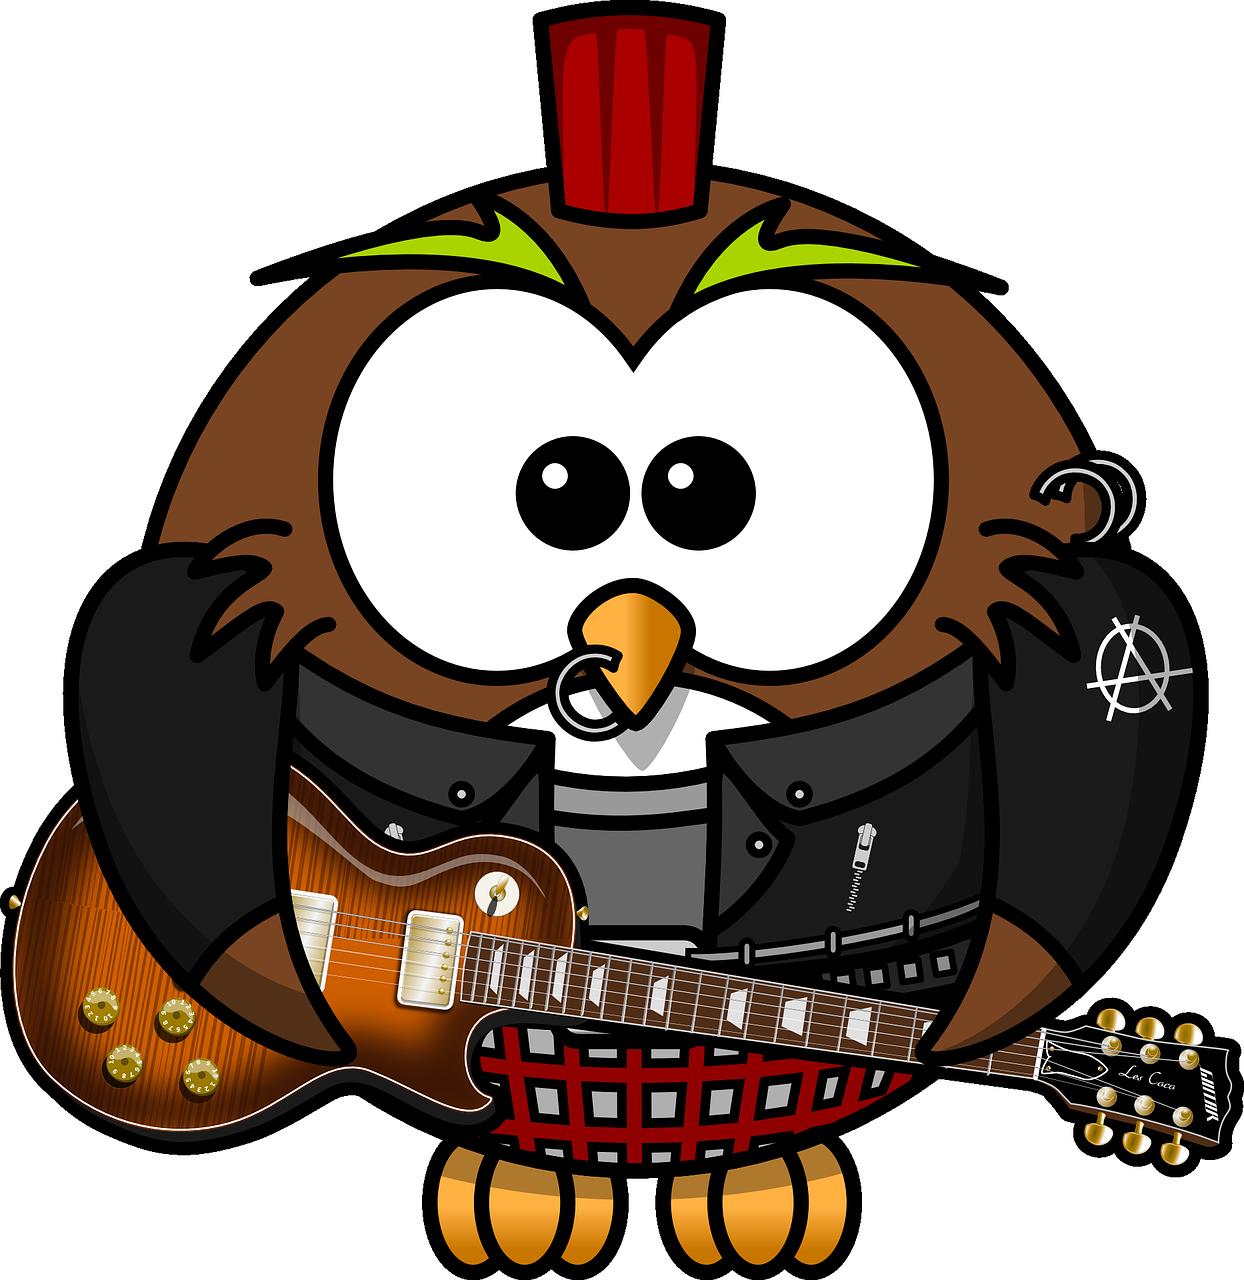 Image gratuite sur pixabay chouette anarchie des animaux - Image de chouette gratuite ...